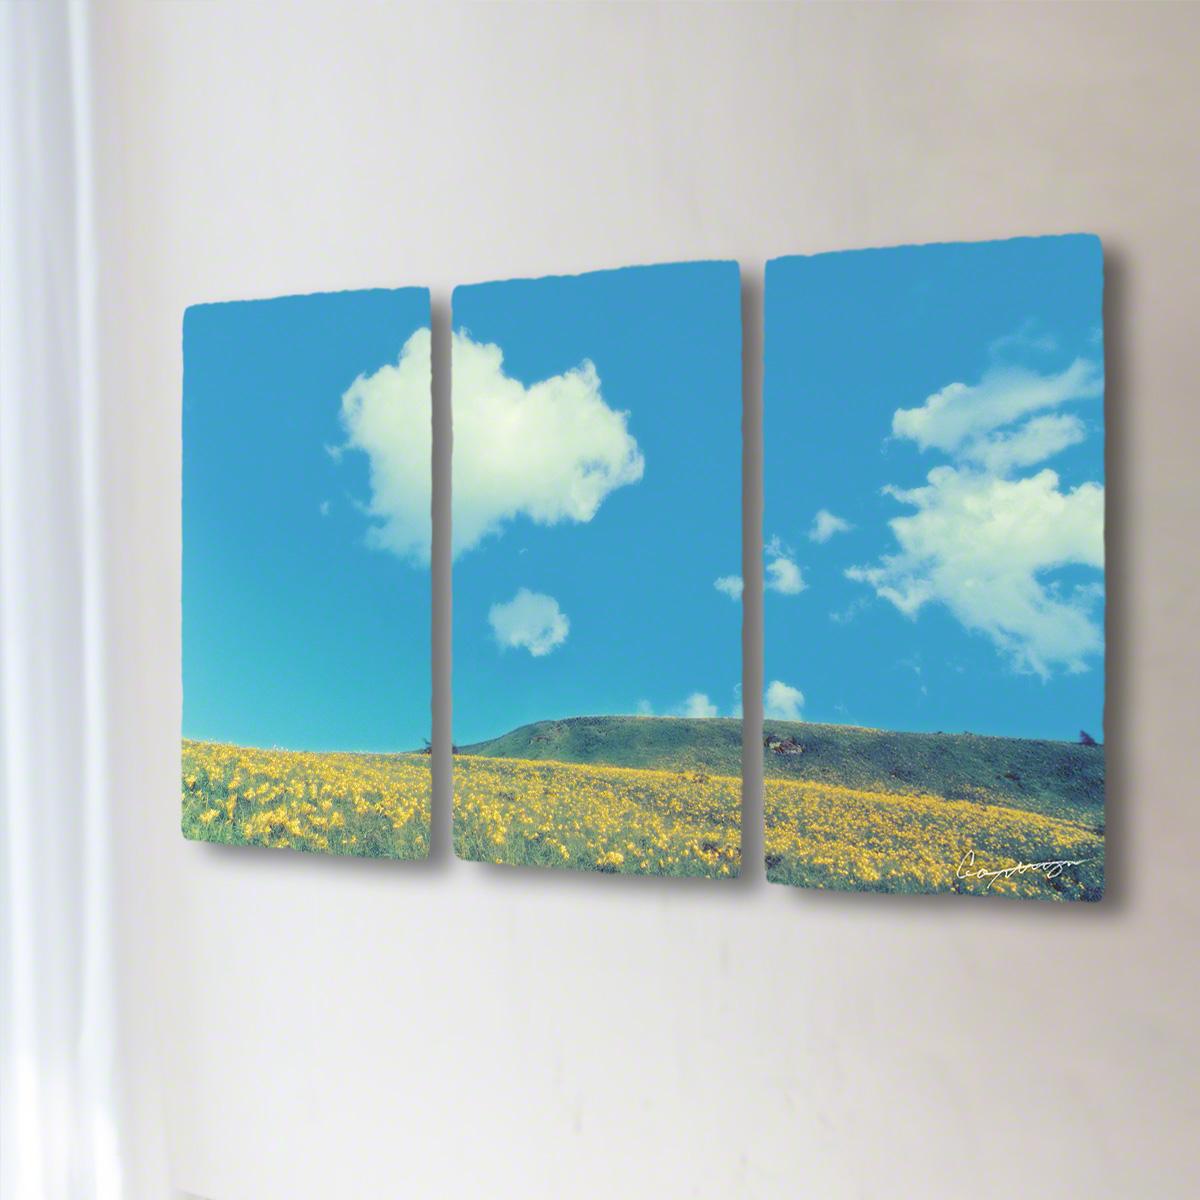 和紙 手作り アートパネル 3枚続き 「青い空と白い雲とニッコウキスゲの丘」(128x72cm) 絵画 絵 ポスター 壁掛け モダン アート 和風 オリジナル インテリア 風景画 ランキング おすすめ おしゃれ 人気 キッチン リビング ダイニング 玄関 和室